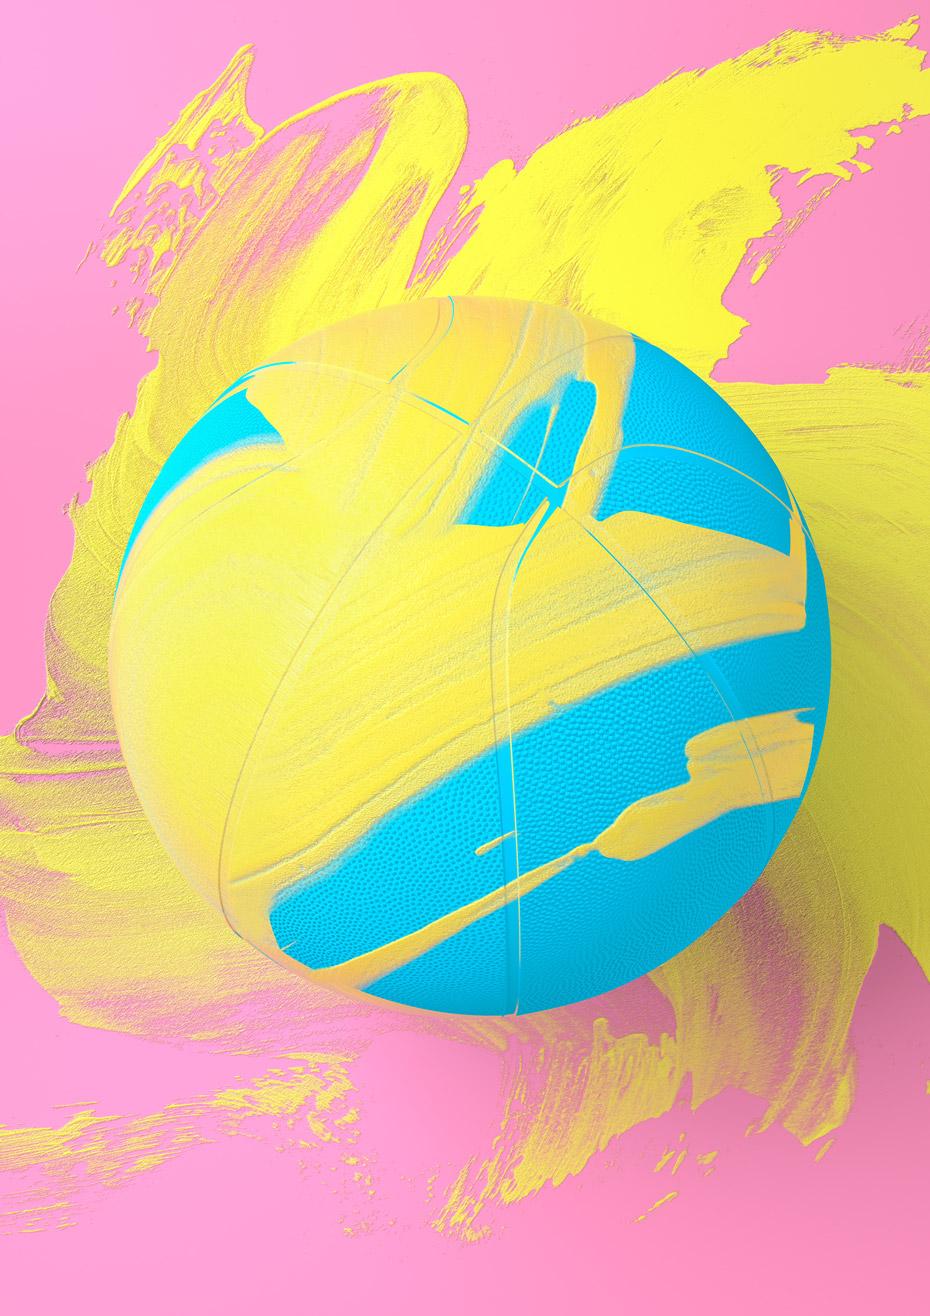 PaintedObjectArt_Basketball.jpg